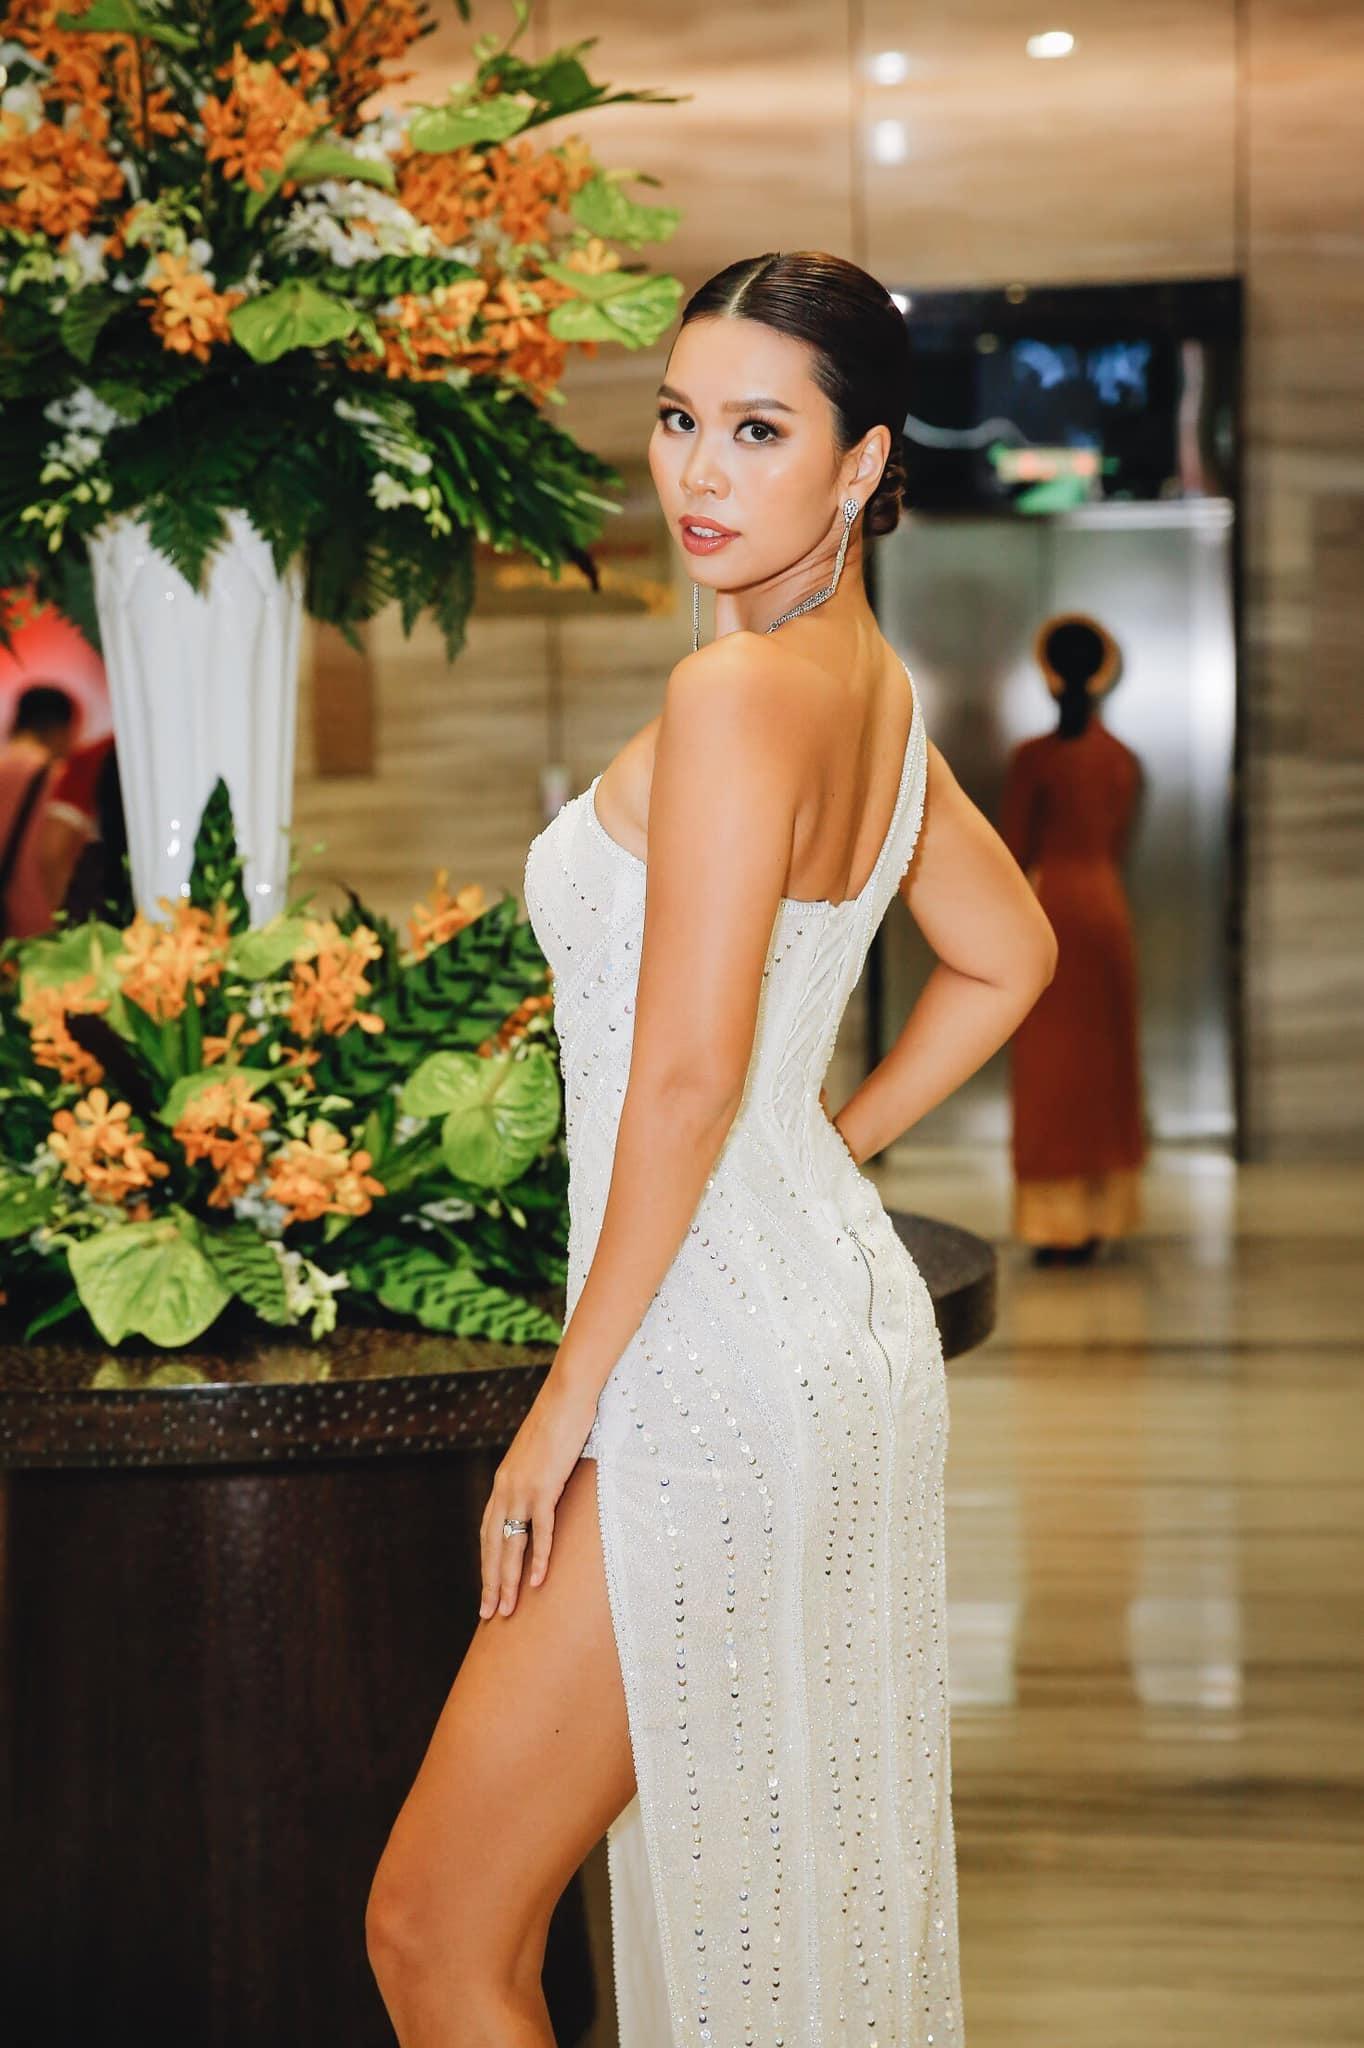 Vóc dáng quyến rũ tuổi U40 của siêu mẫu Hà Anh